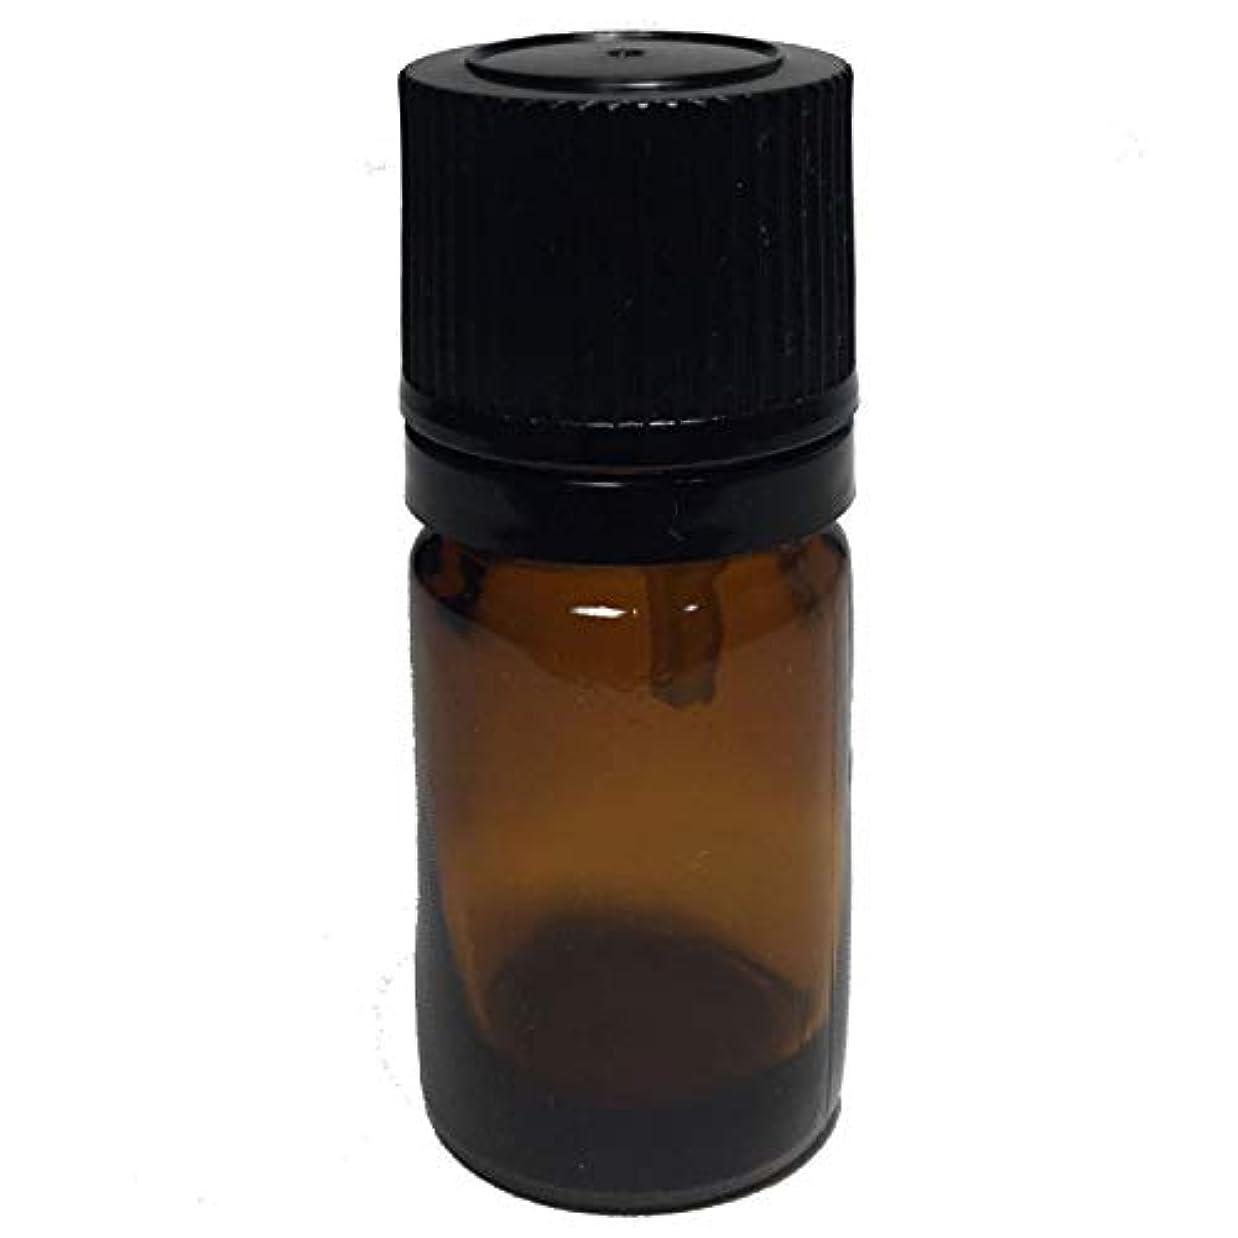 純粋な無謀空港エッセンシャルオイル用茶色遮光瓶 ドロッパー付き(黒キャップ) 5ml ガラスビン 10本セット